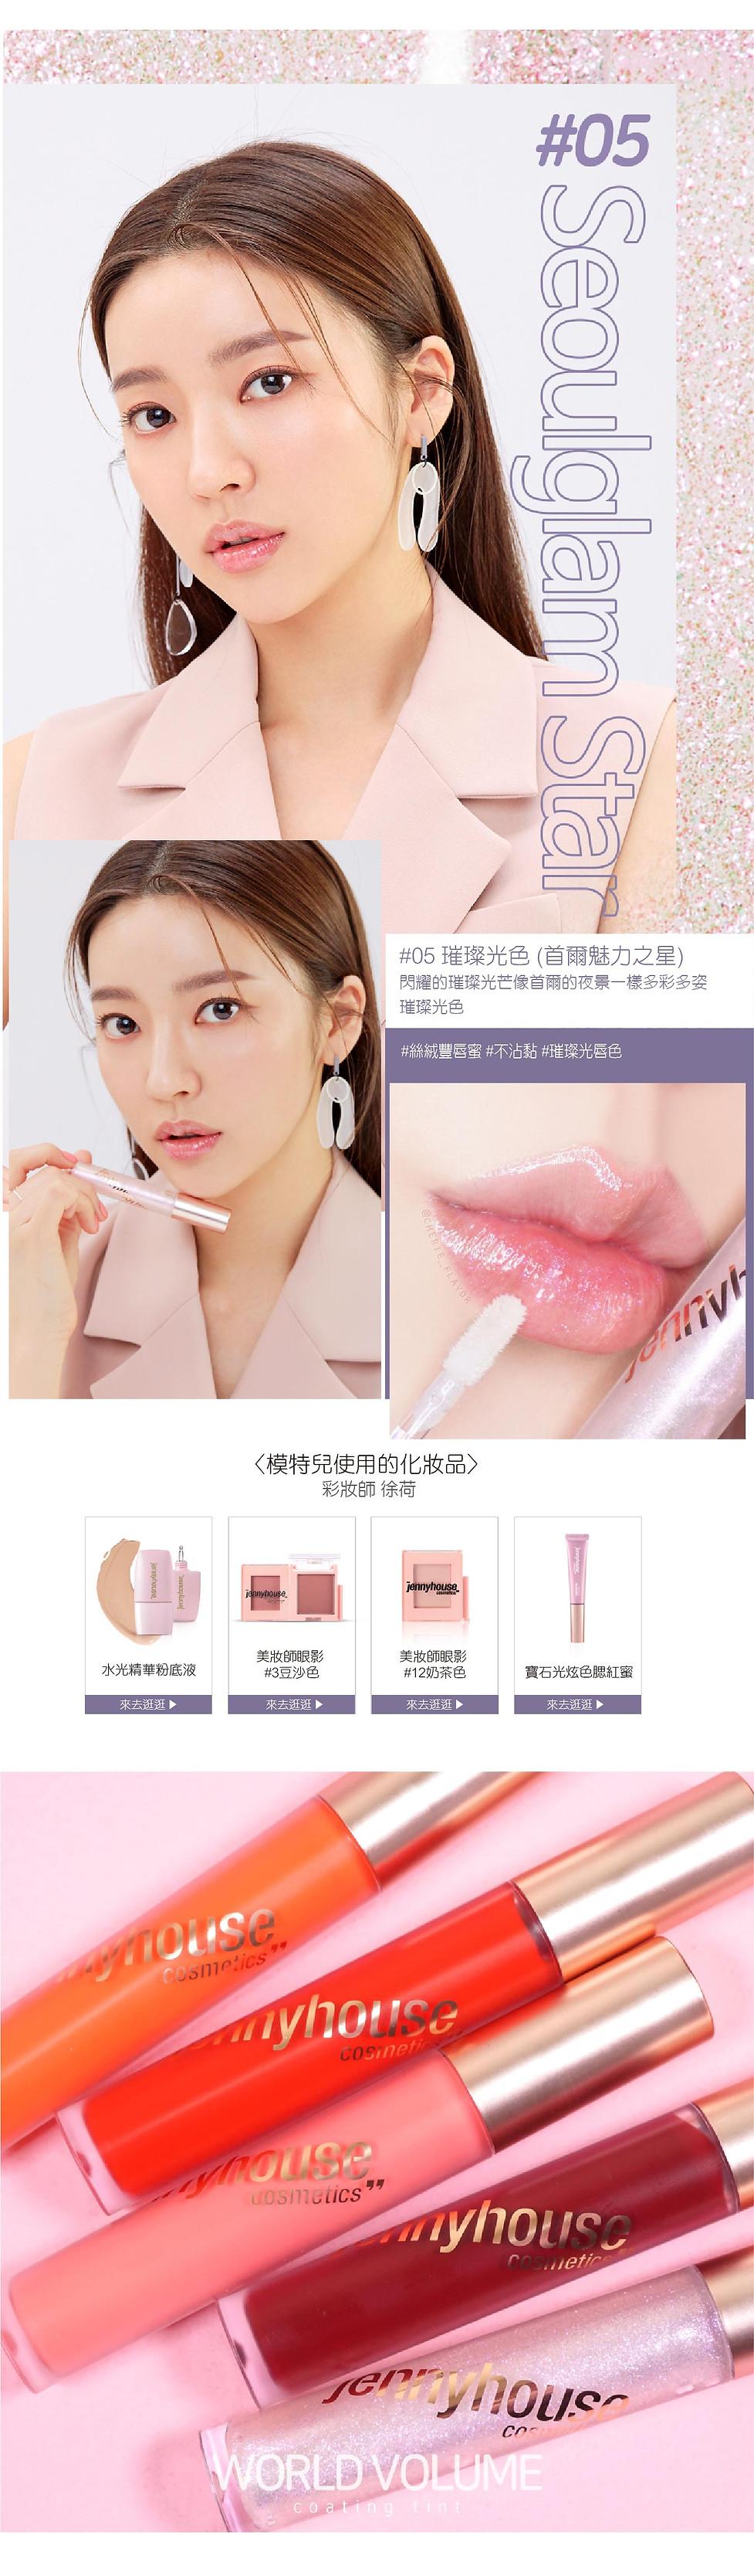 韓國化妝品網站長圖-5-06.jpg